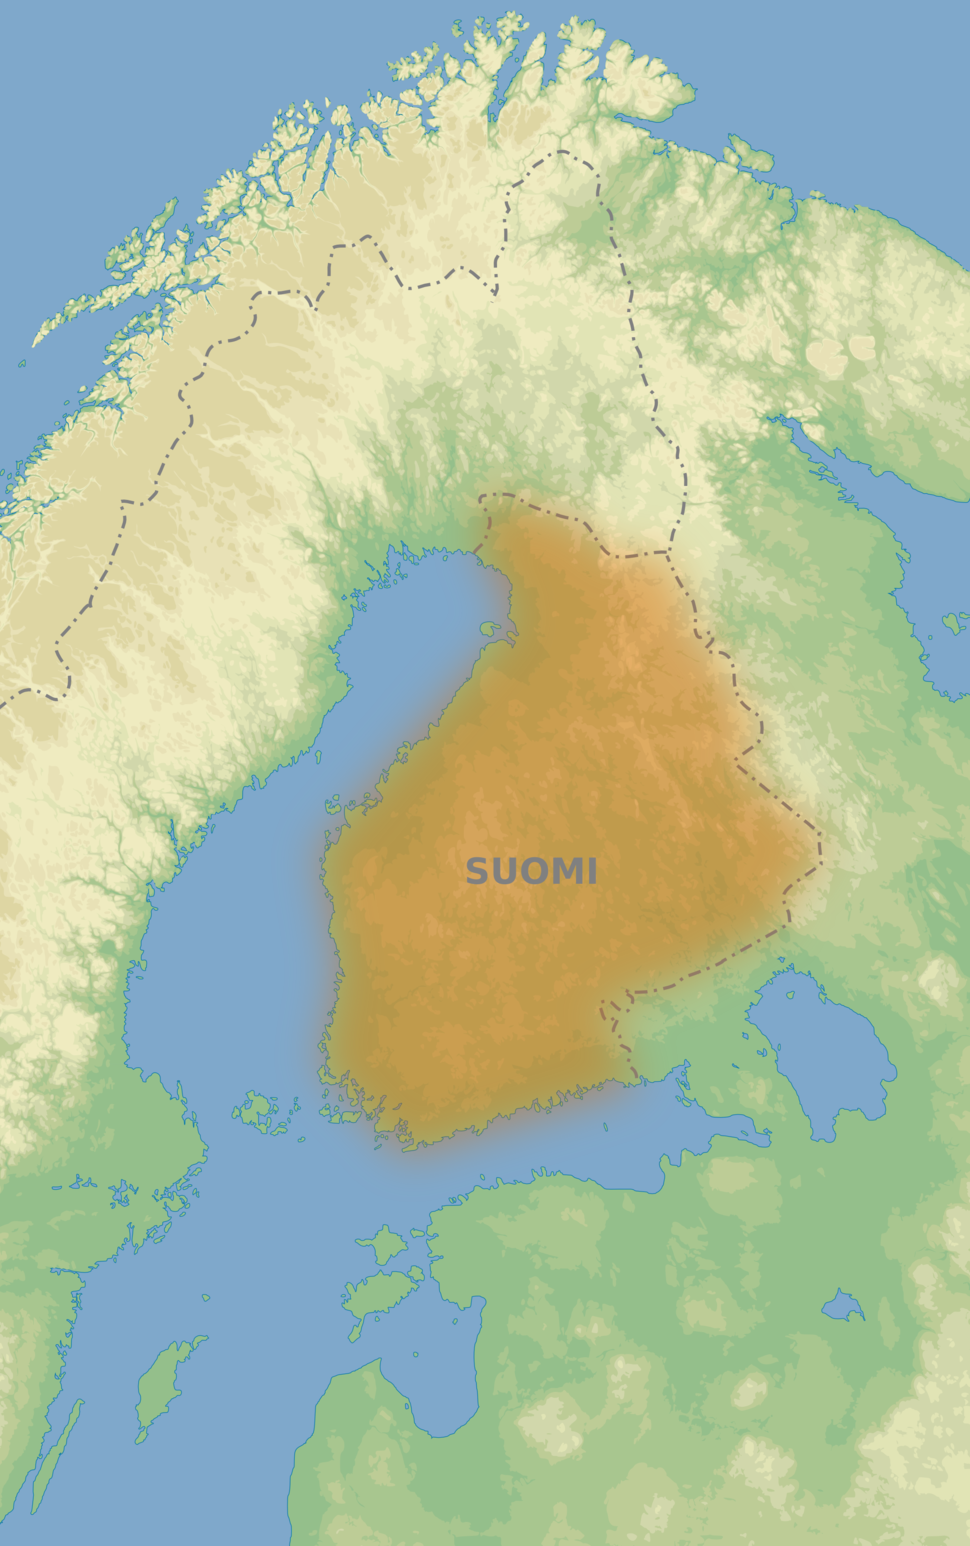 Ruotsi-Suomi ennen Suomen sotaa